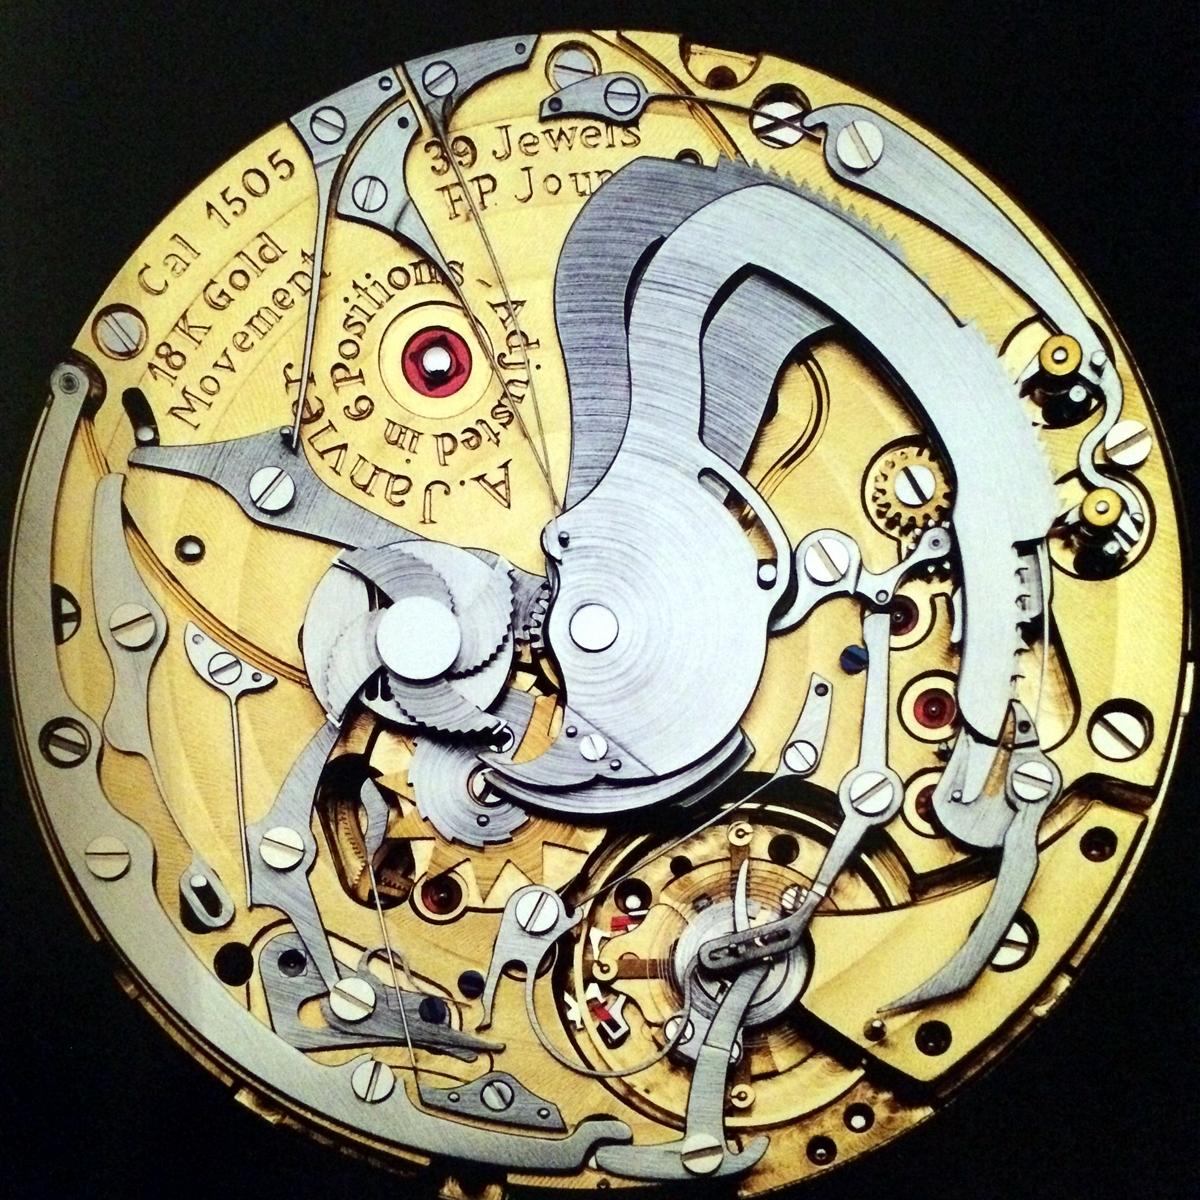 14 luxurious_watch_design_clockworks_construction_luksusowe_zegarki_mechanizm_projektowanie_lifestyle